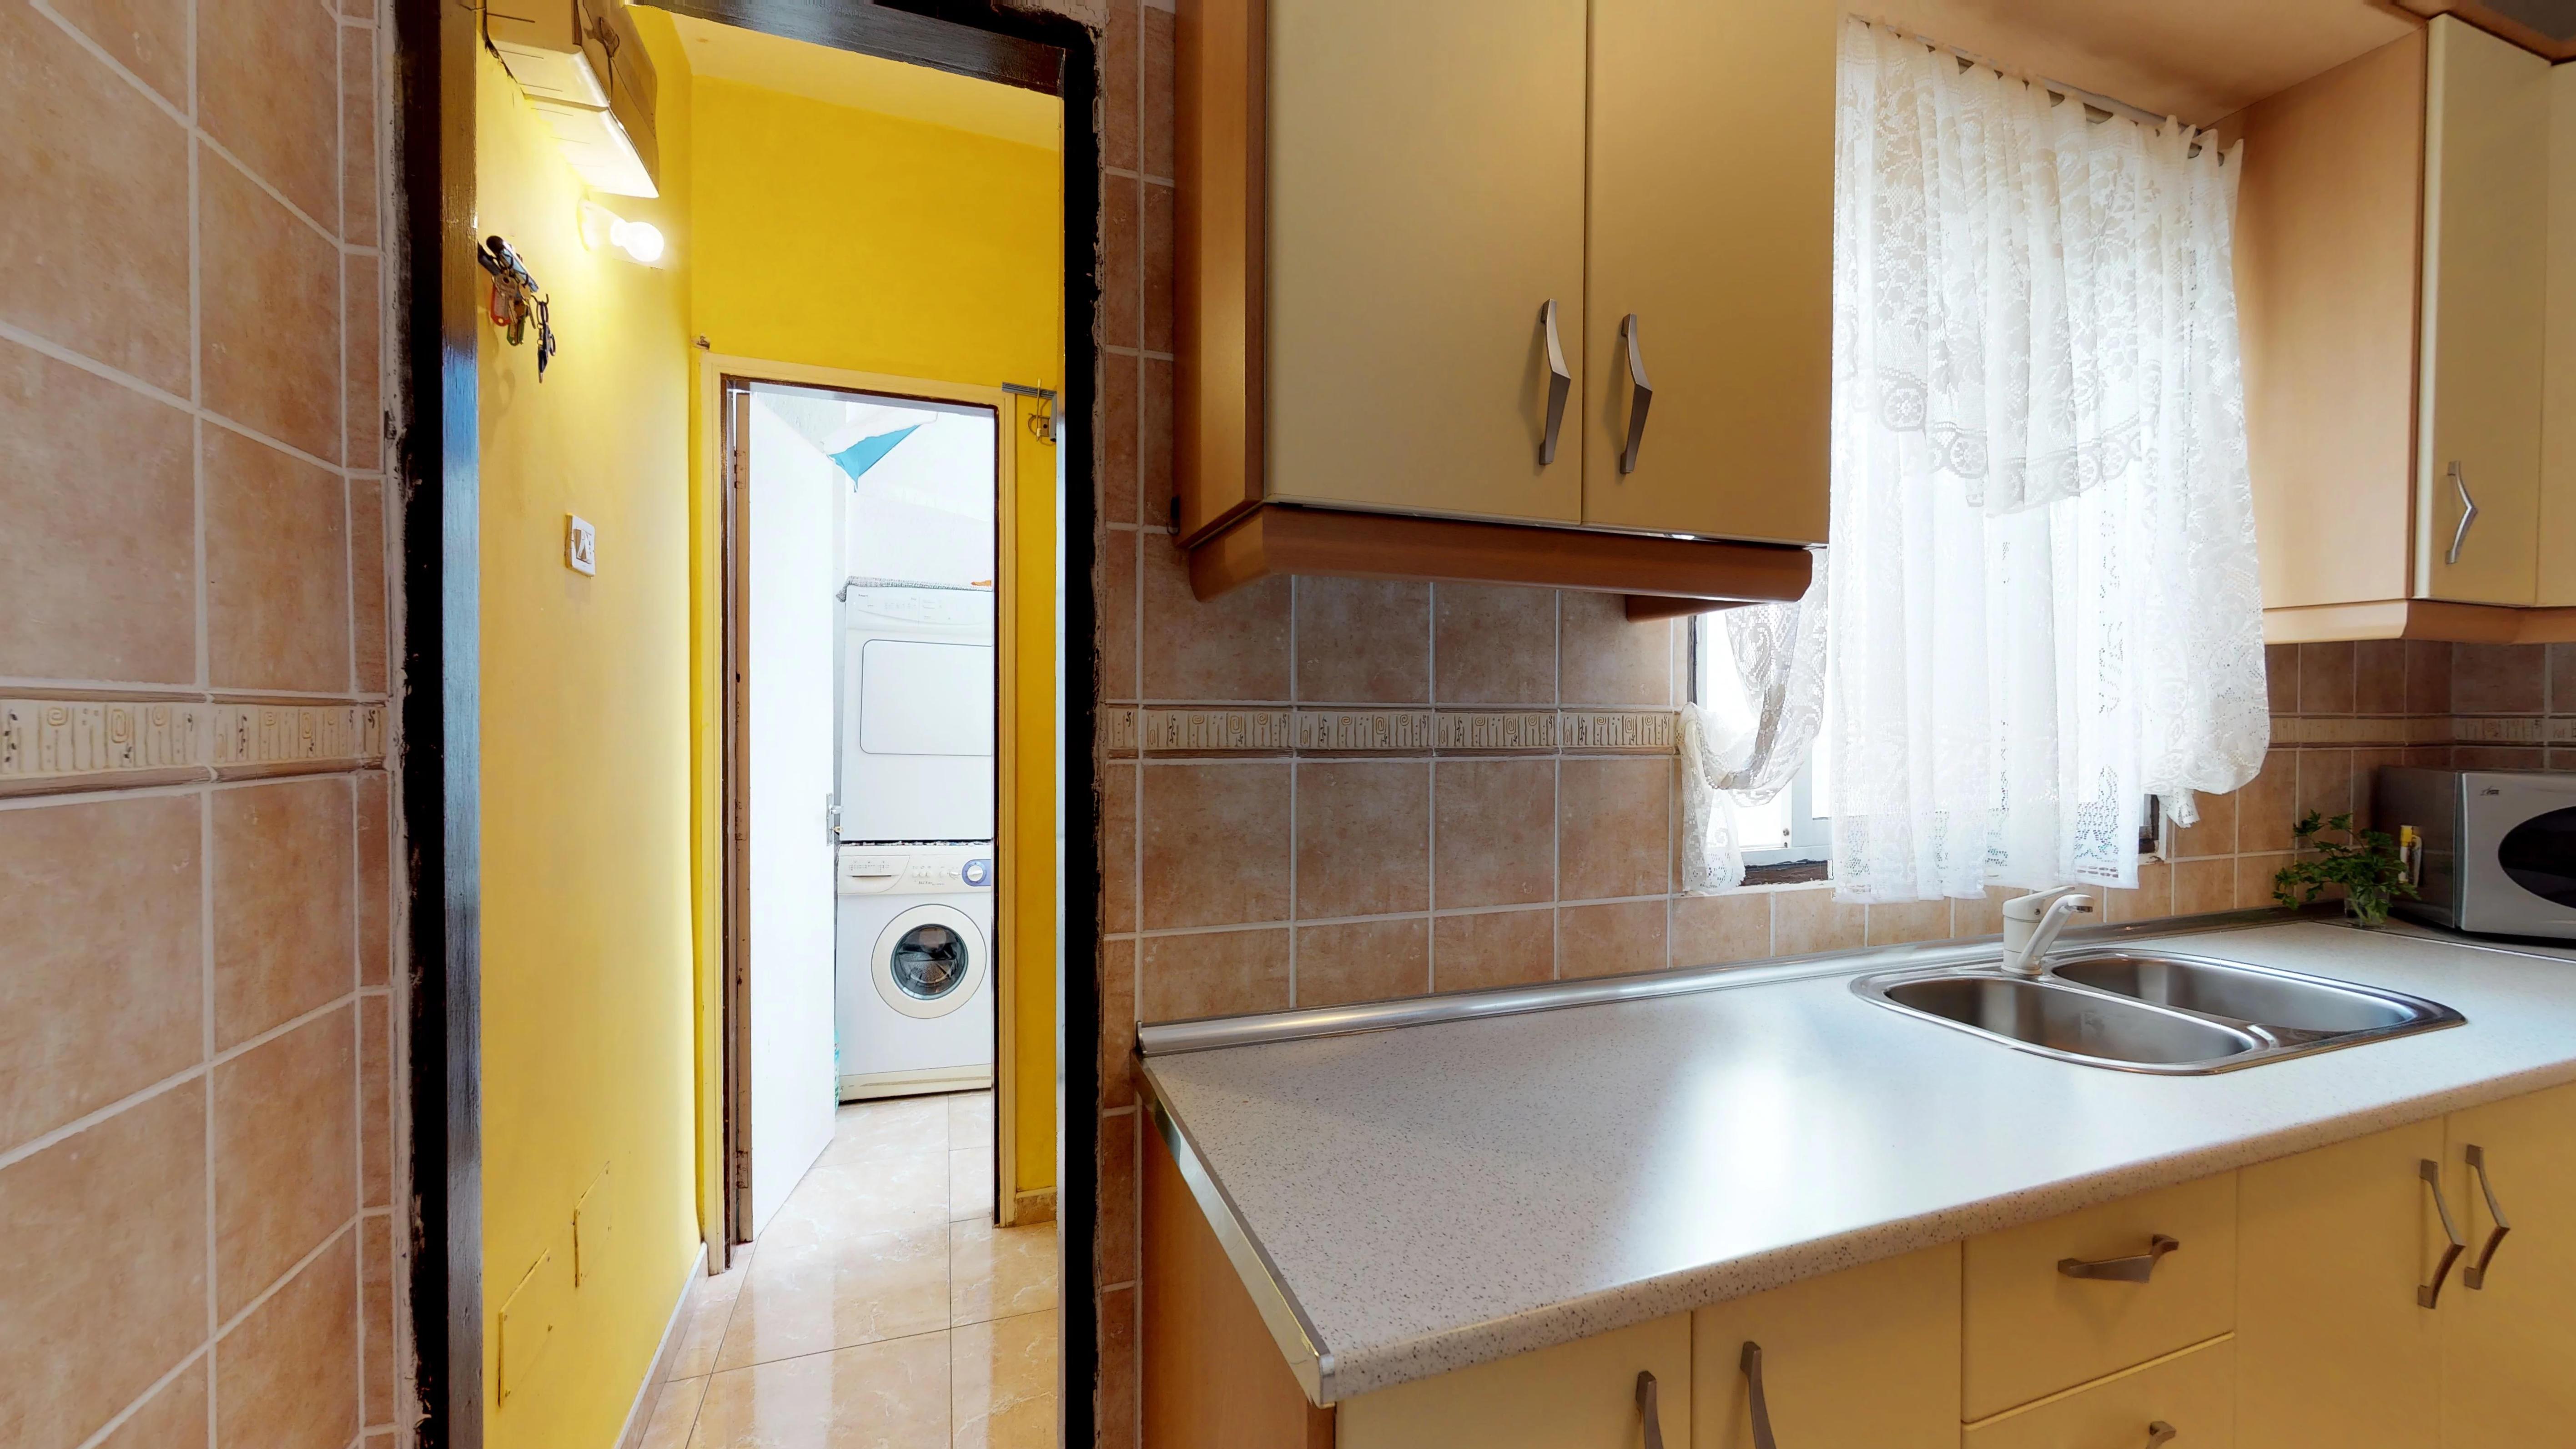 Moderno Apartamento Cocina Terapia De La Compra Imagen - Como ...